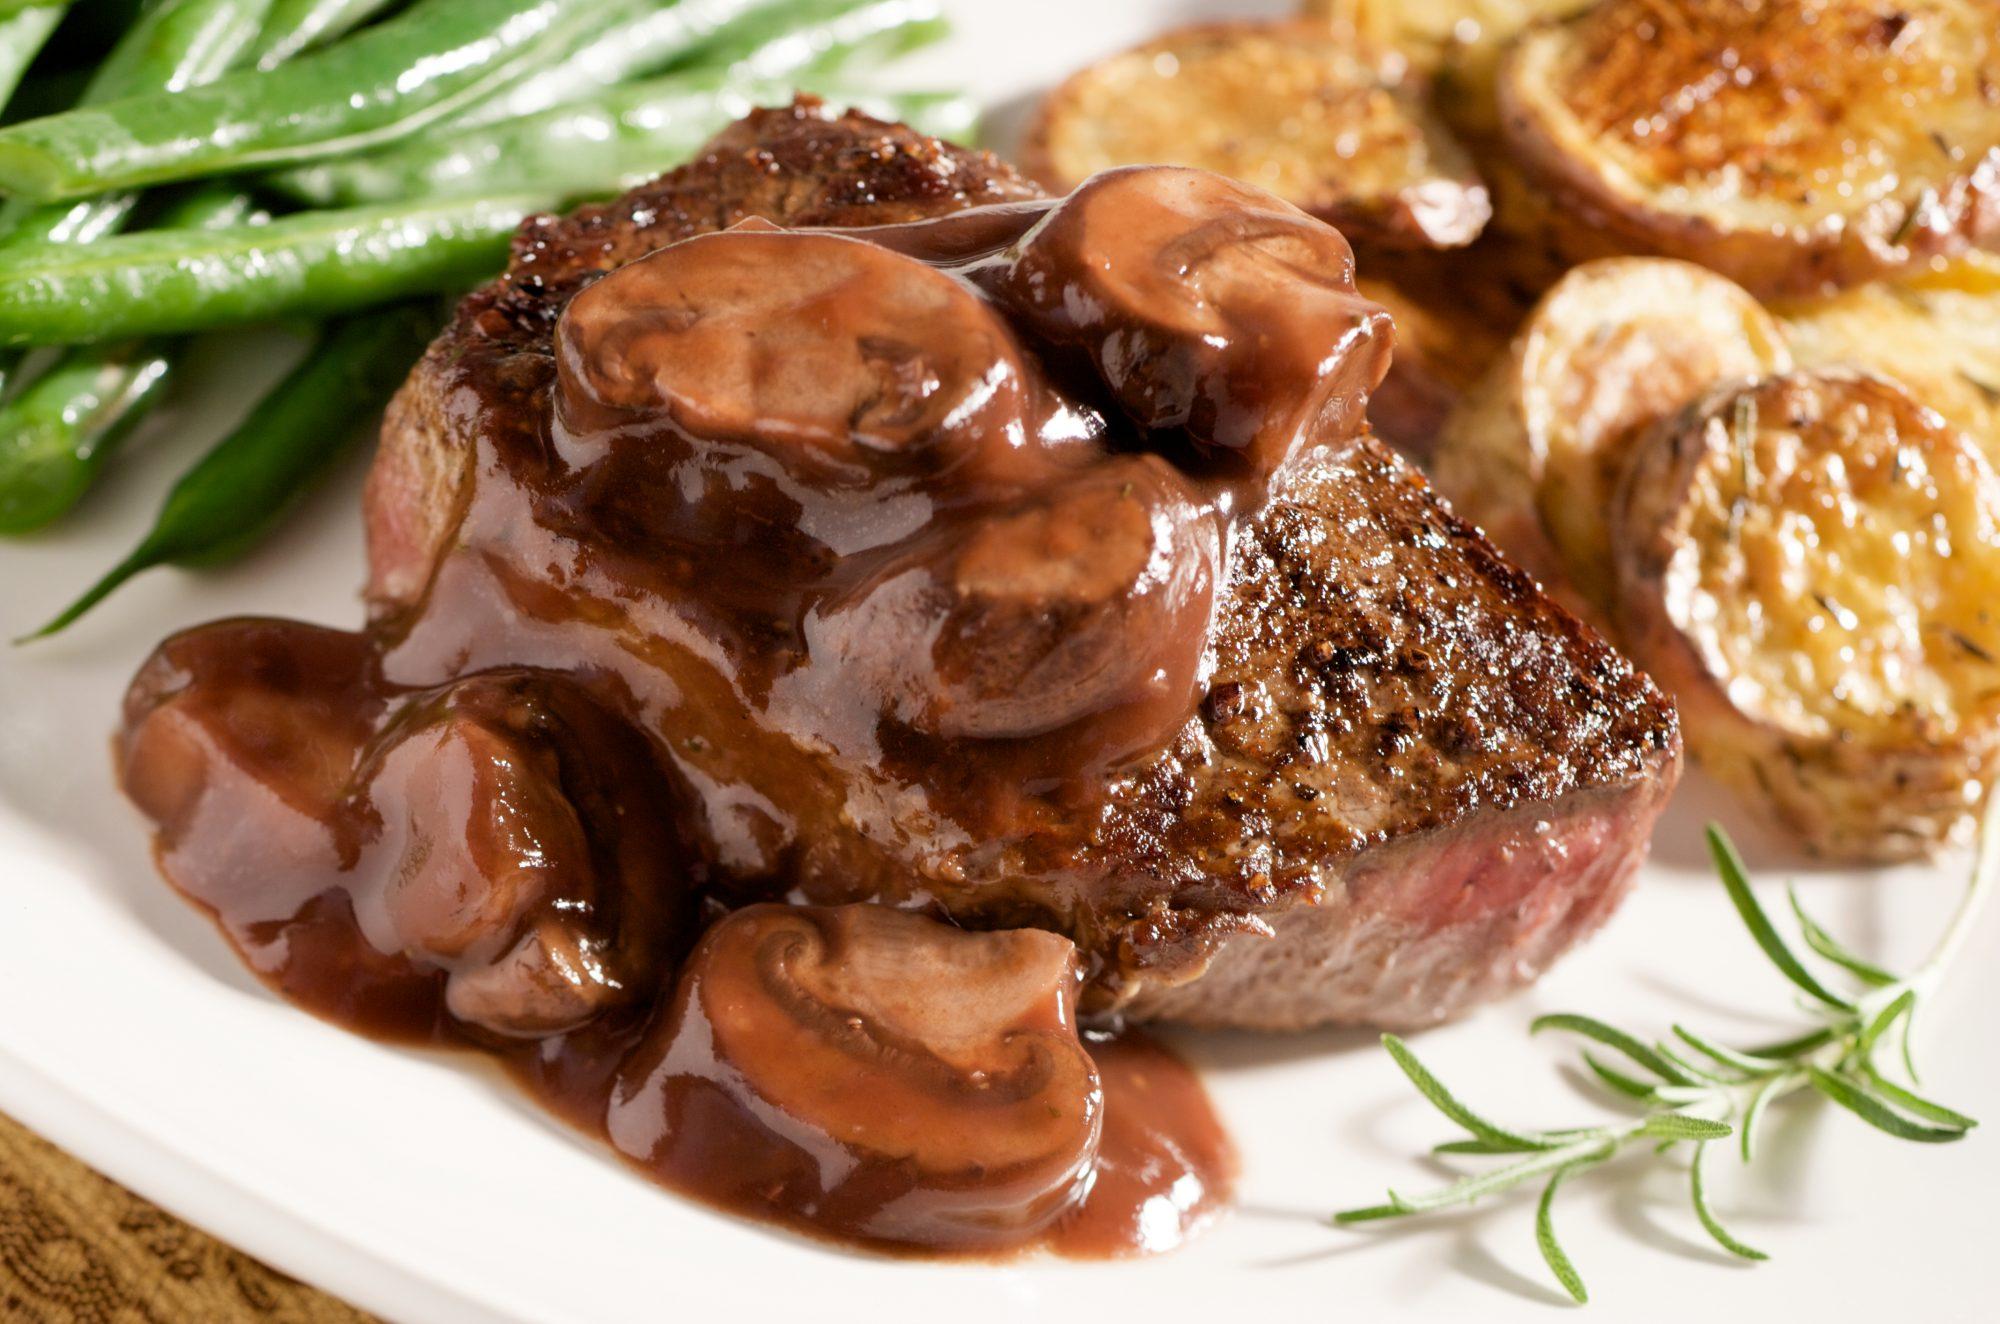 Madeira Steak Getty 8/17/20